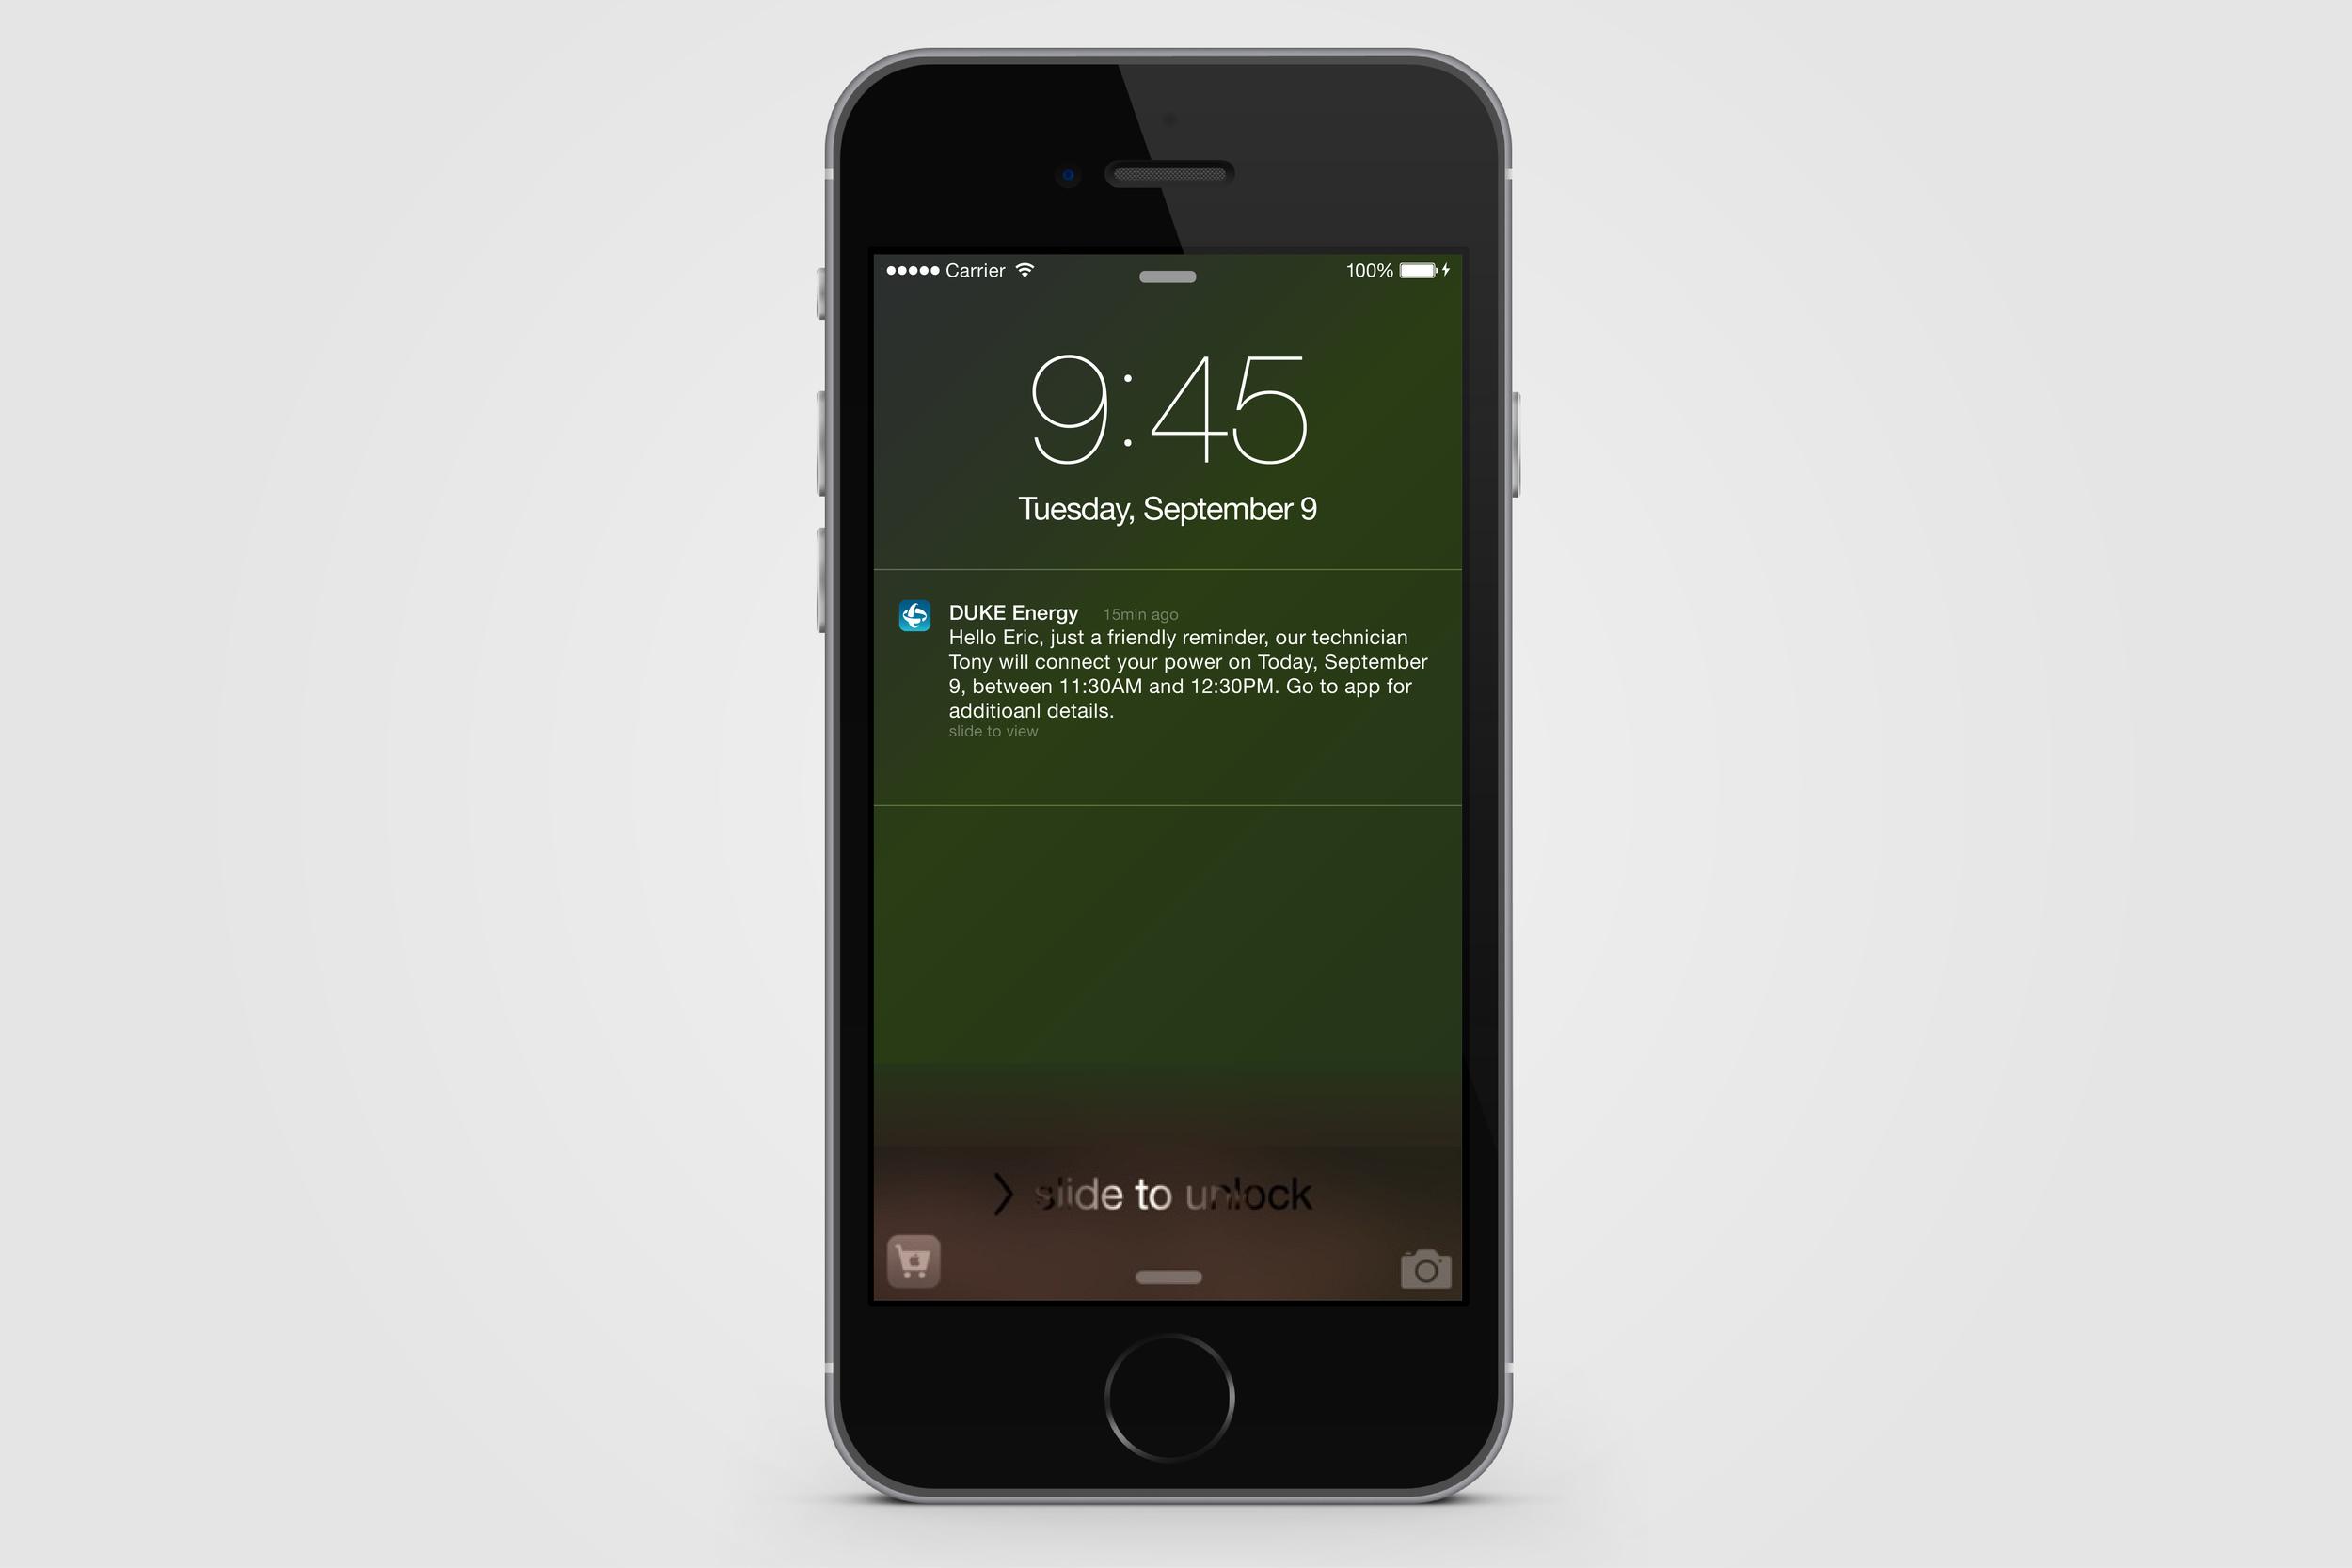 DUKE_Energy_MobileApp_iOS-08.jpg